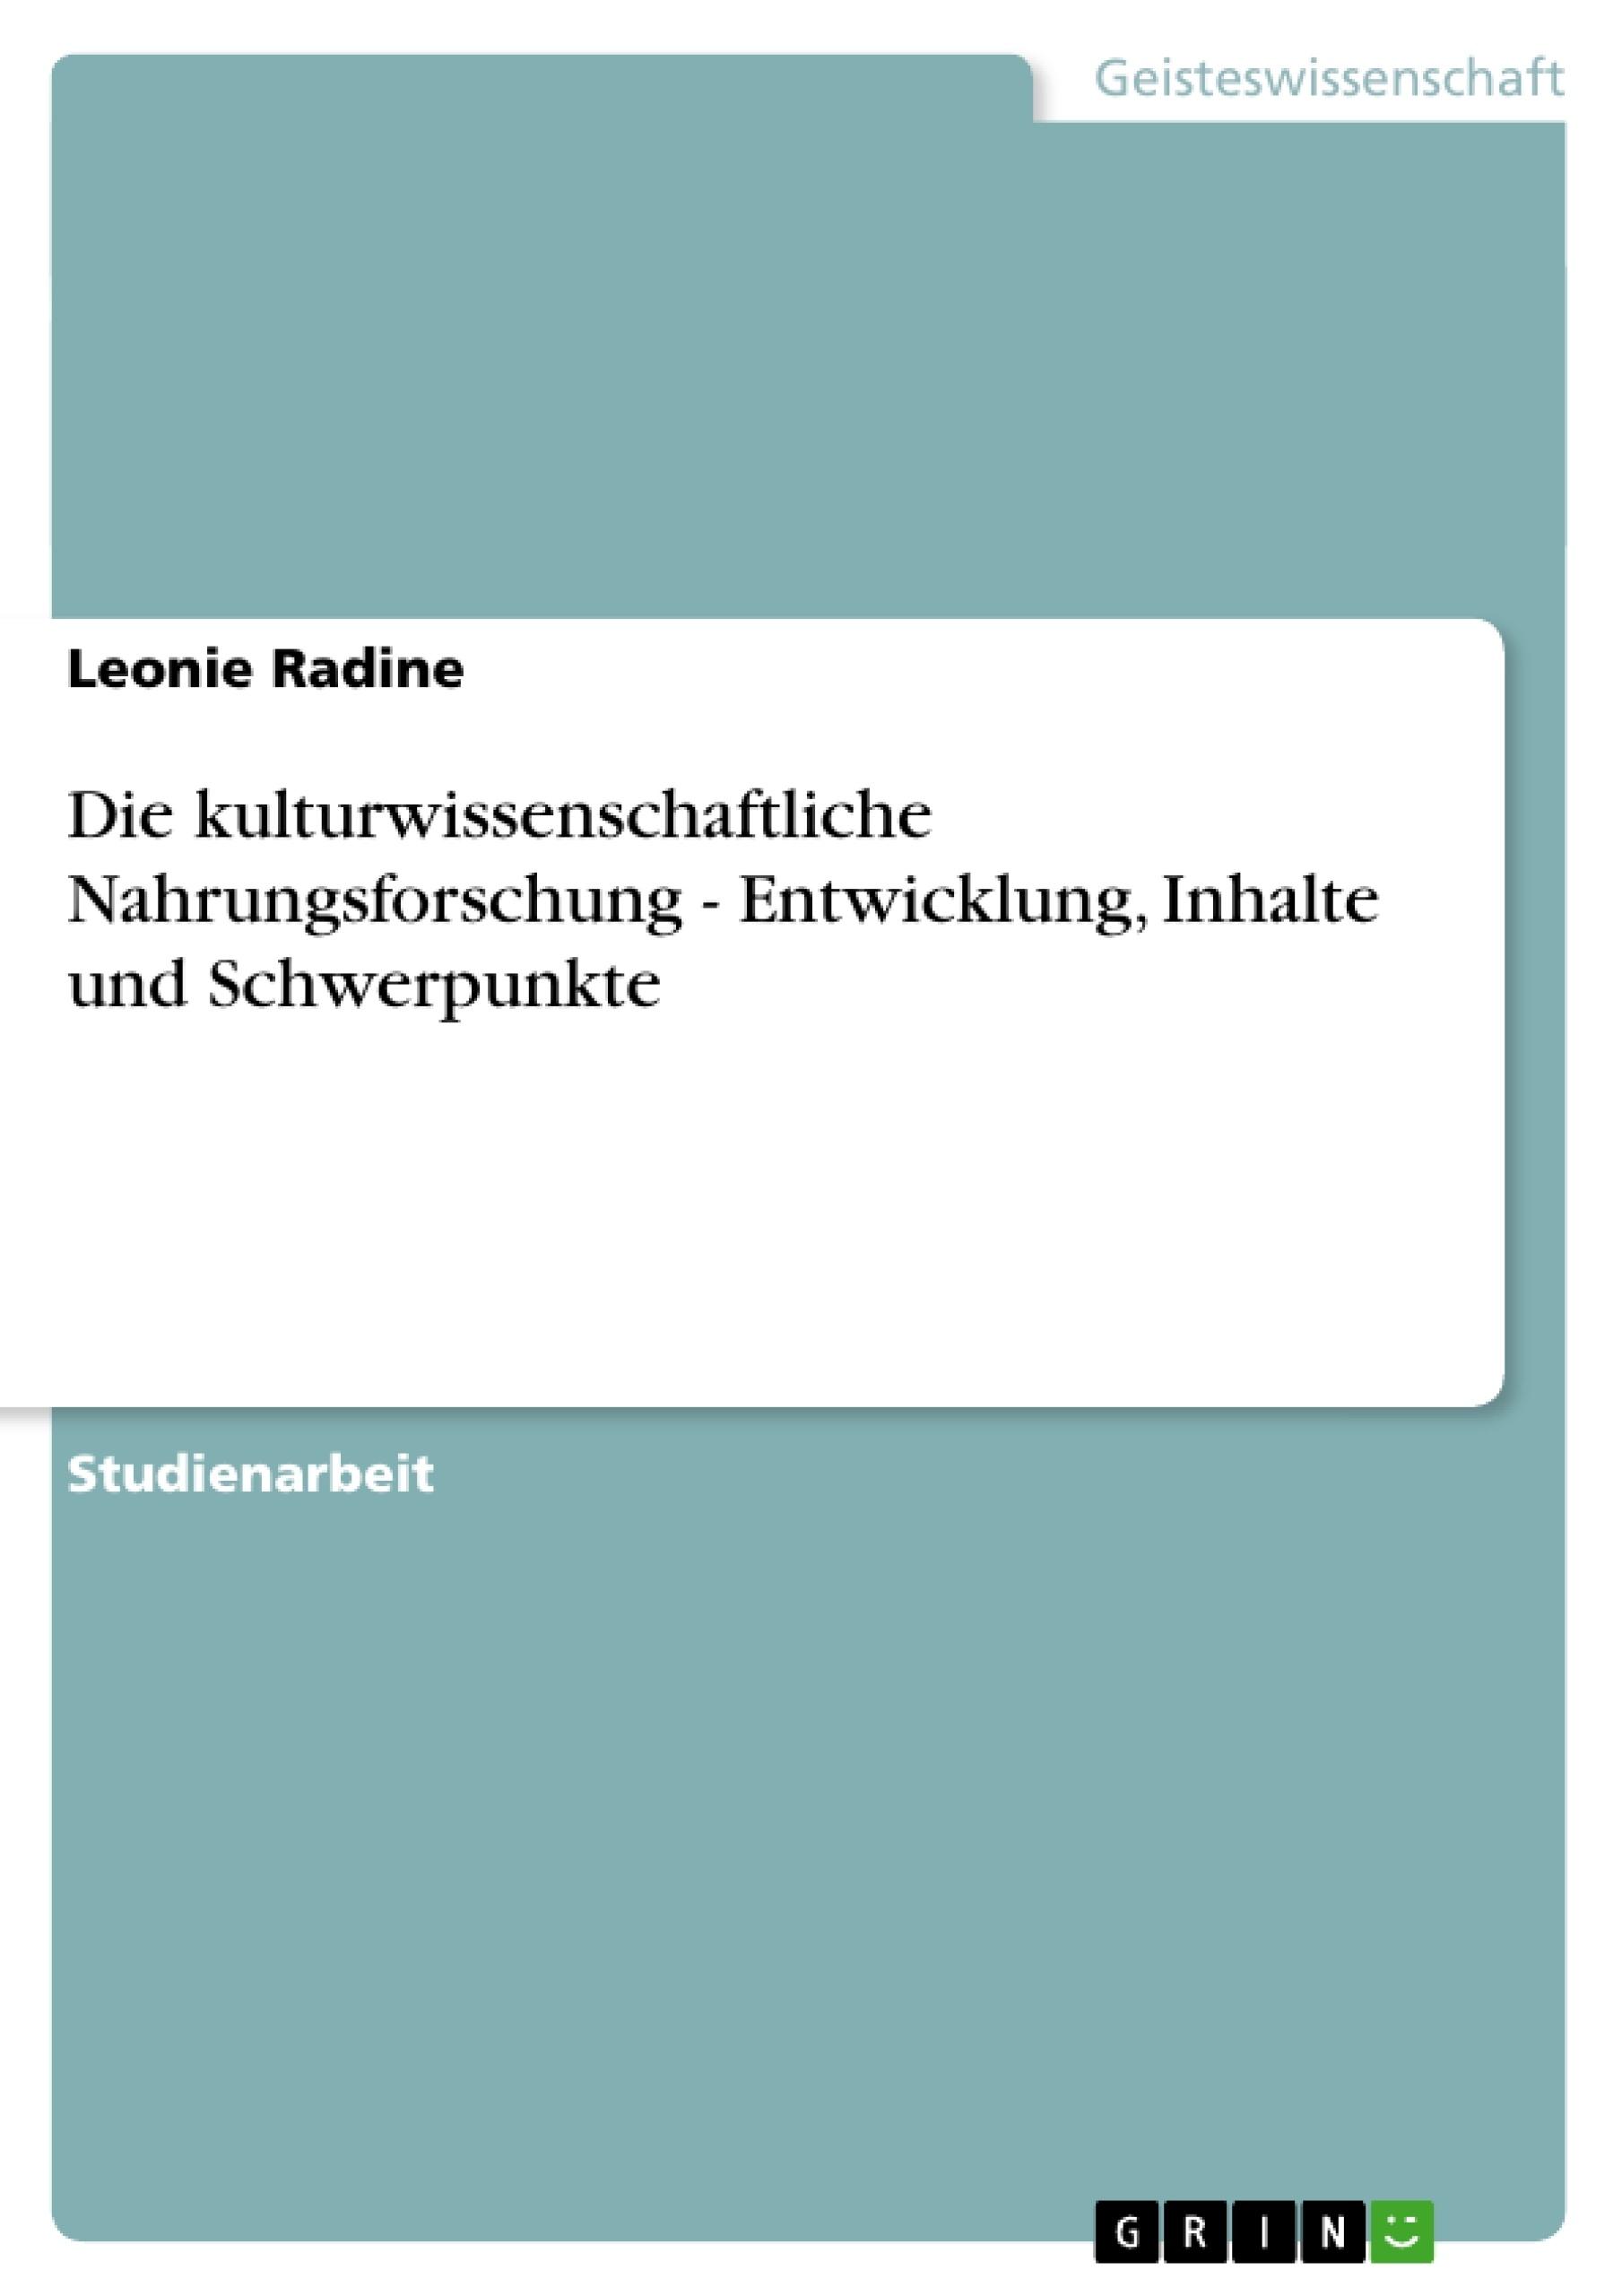 Titel: Die kulturwissenschaftliche Nahrungsforschung - Entwicklung, Inhalte und Schwerpunkte